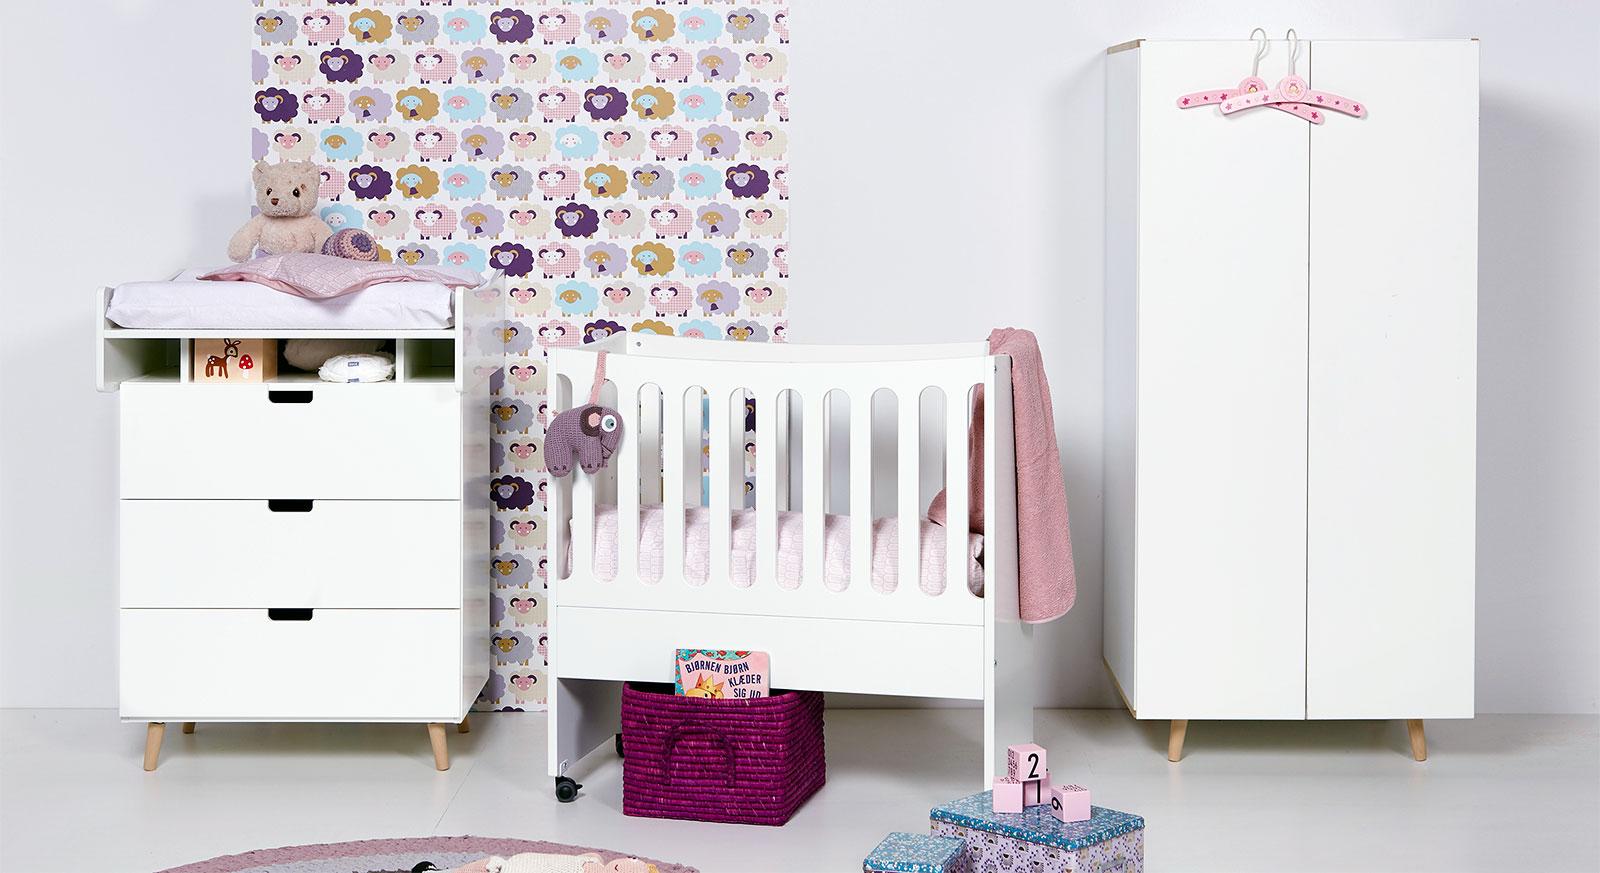 Modernes Babyzimmer modernes babyzimmer mdf viele beimöbel town retro